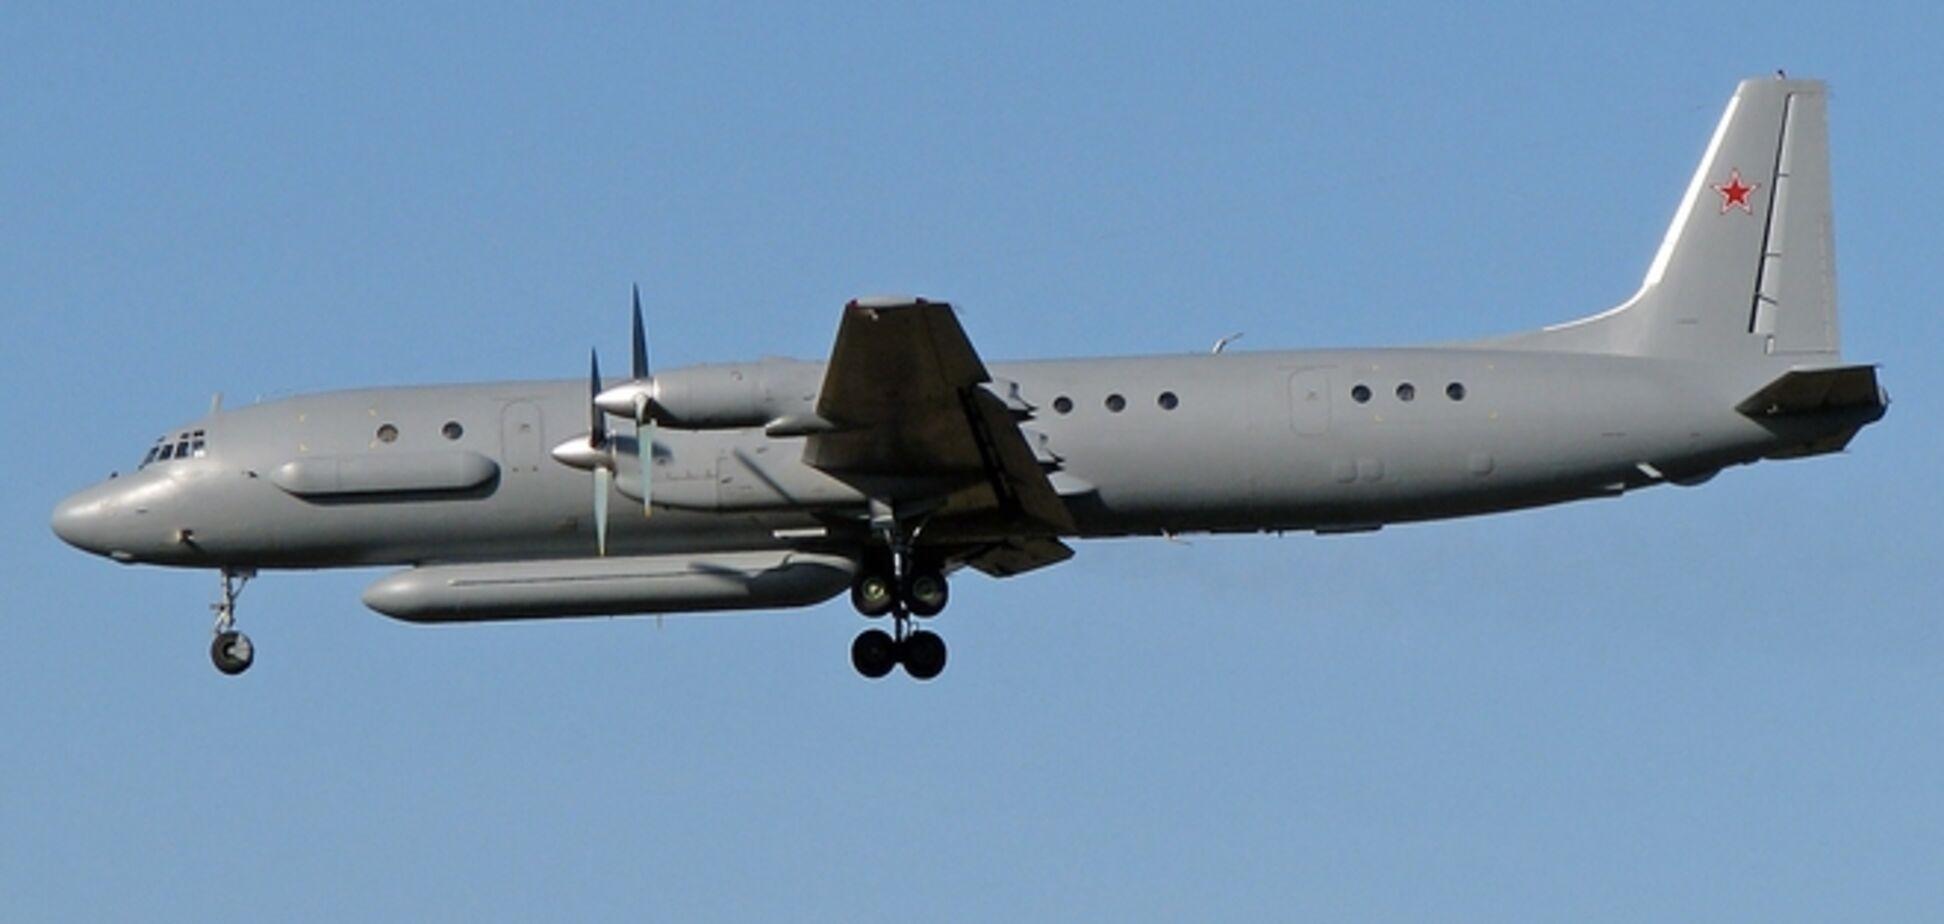 Истребители НАТО перехватили российский самолет над Балтикой